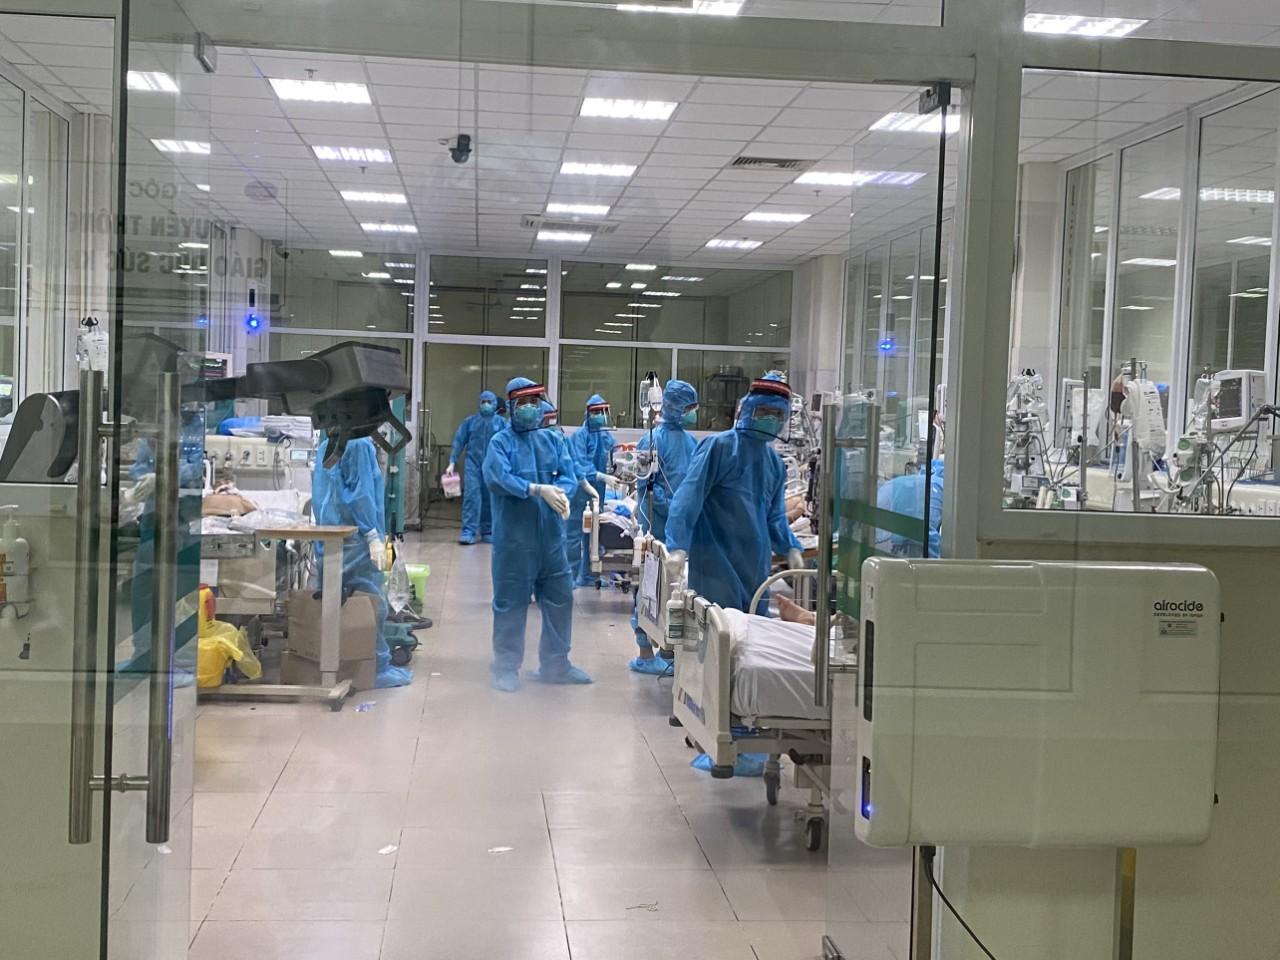 Cam go ở nơi điều trị bệnh nhân Covid-19 đông nhất Việt Nam  - Ảnh 3.